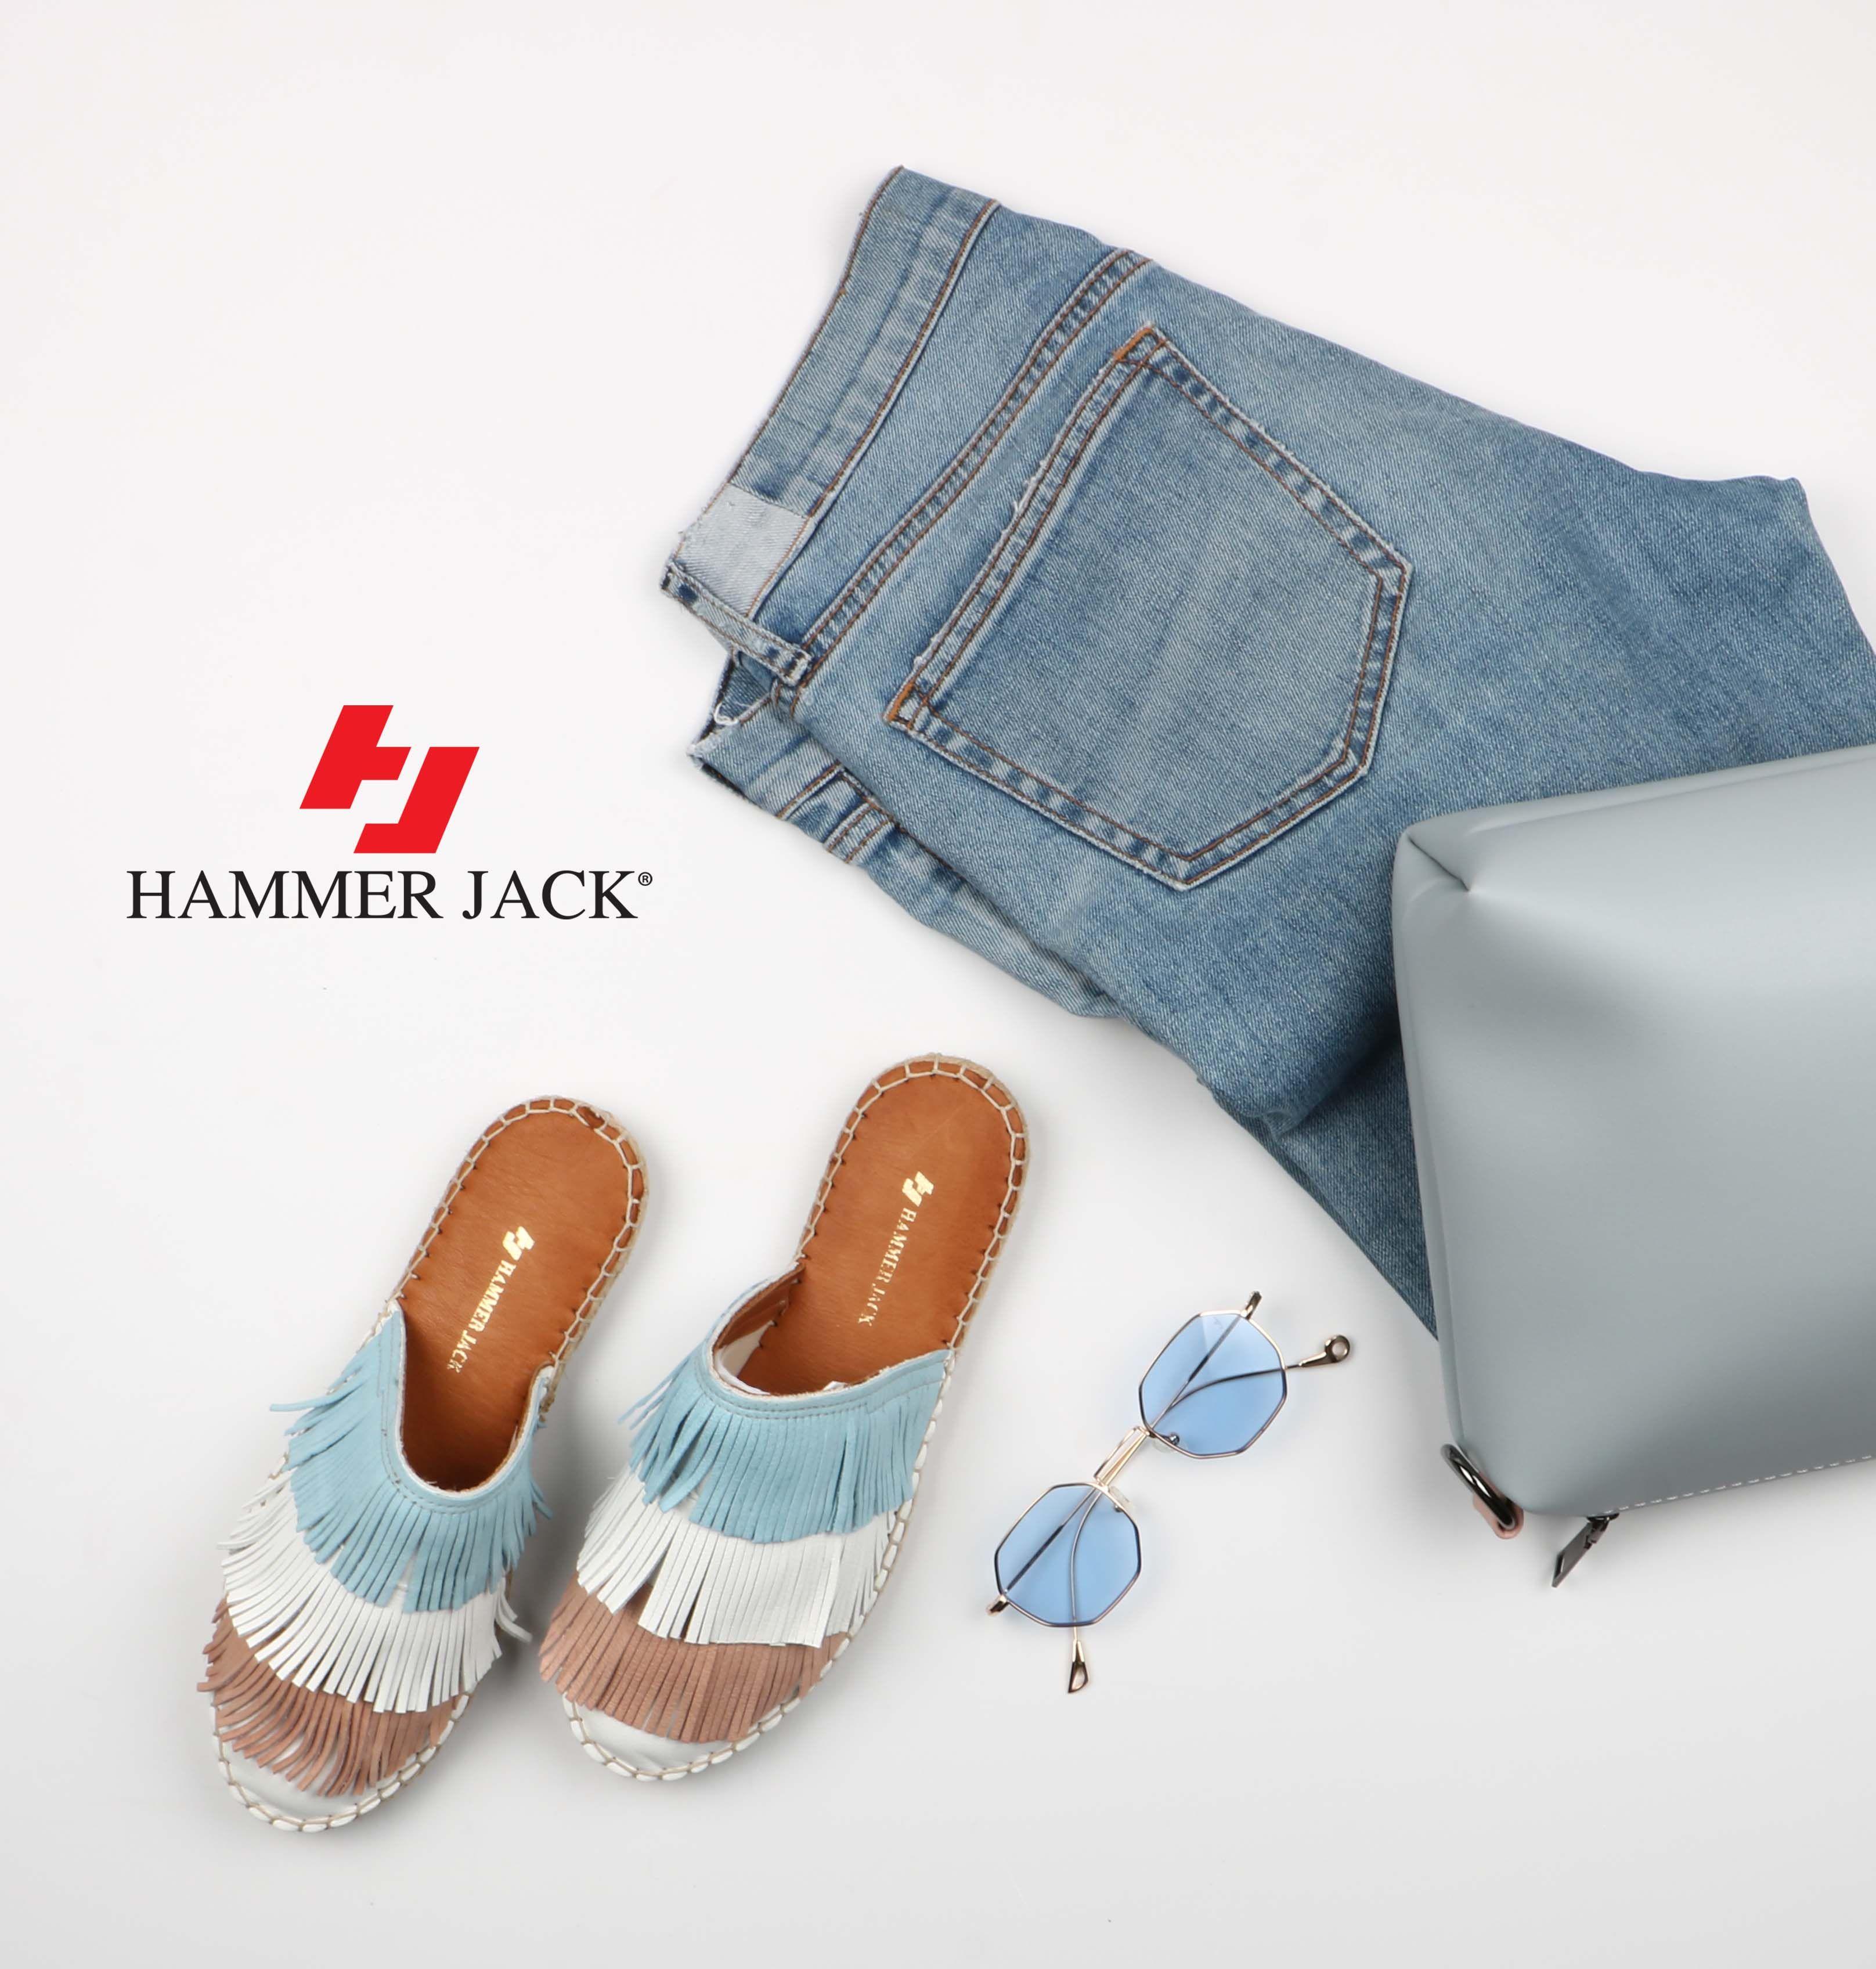 Gunluk Kullanima Uygun Kombinlerinizde Kullanabileceginiz Hammer Jack Sik Terlik Modelleri Magazalarimizda Ve Hammerjack Com D Ayakkabi Erkek Ayakkabilar Kadin